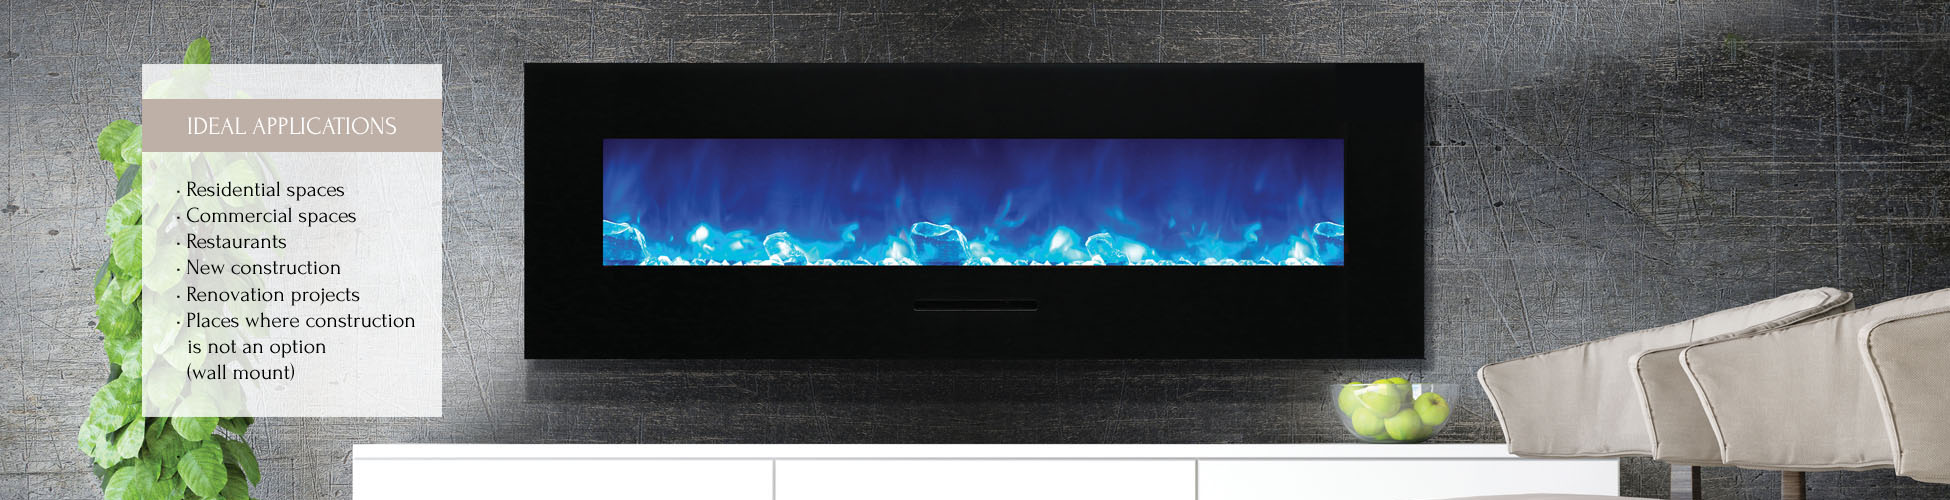 WM-FM-60-7023-BG linear electric fireplace